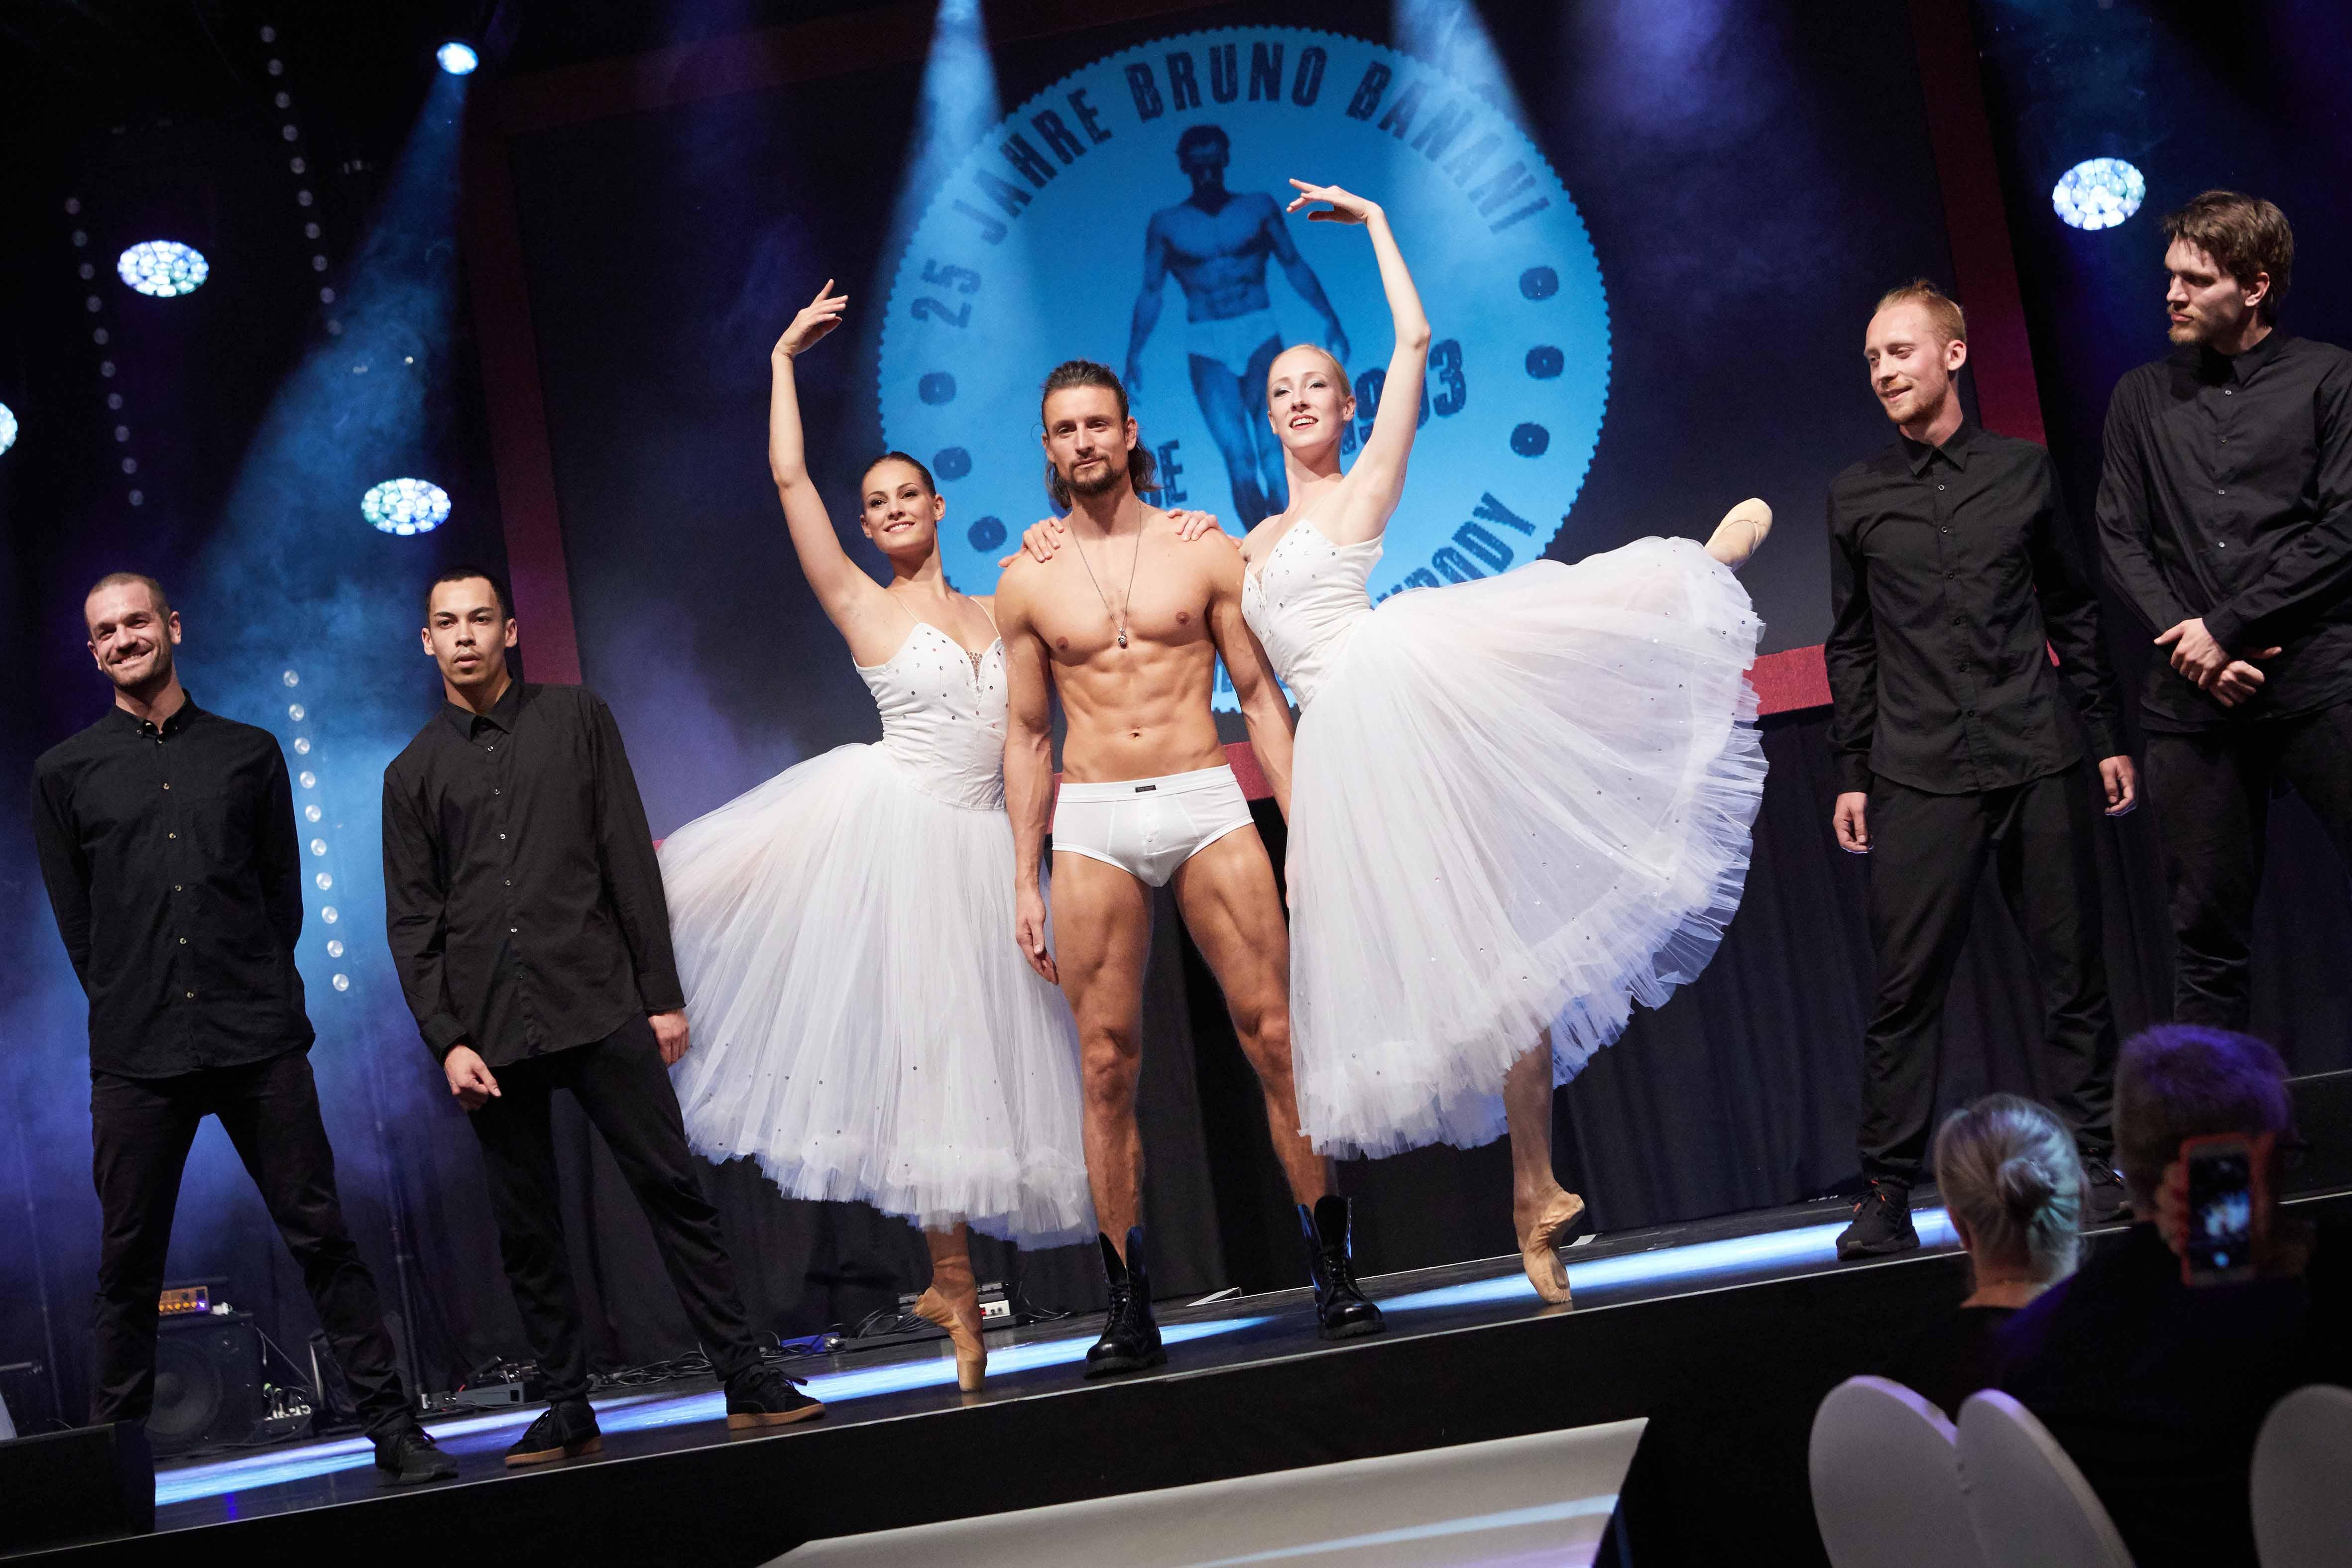 Bruno Banani, Jubiläum, Tänzer, Models, Showproduktion, Chemnitz